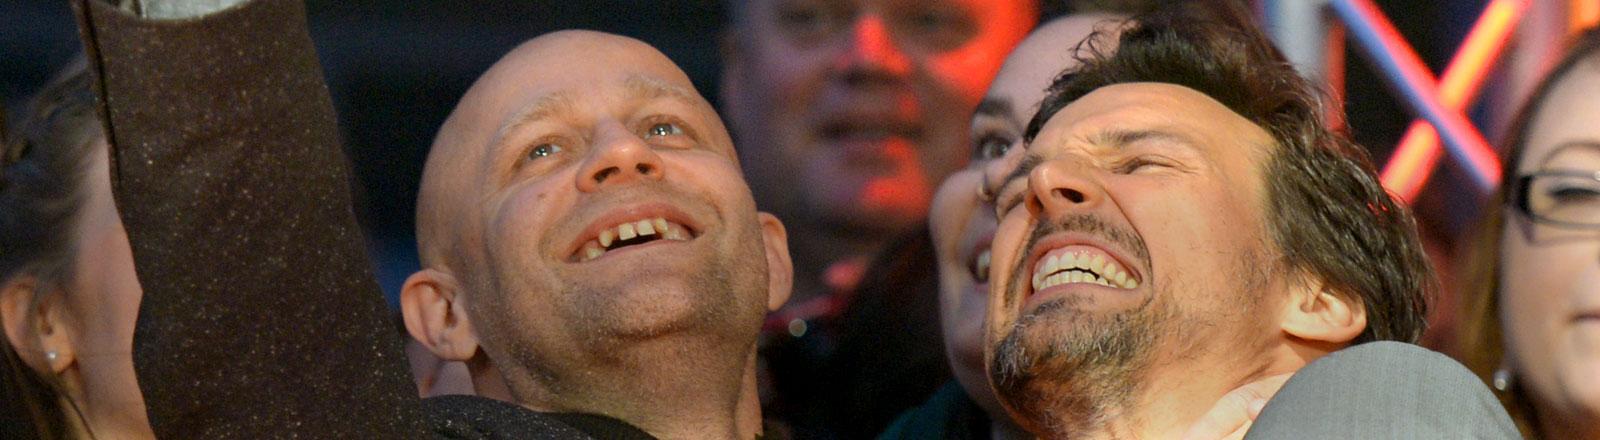 """Die Schauspieler Florian David Fitz (r) und Jürgen Vogel fotografieren sich am 26.09.2014 vor der Premiere des Films """"Hin und weg"""" im Rahmen des Hamburger Filmfestes im Cinemaxx Kino in Hamburg mit Fans am roten Teppich."""